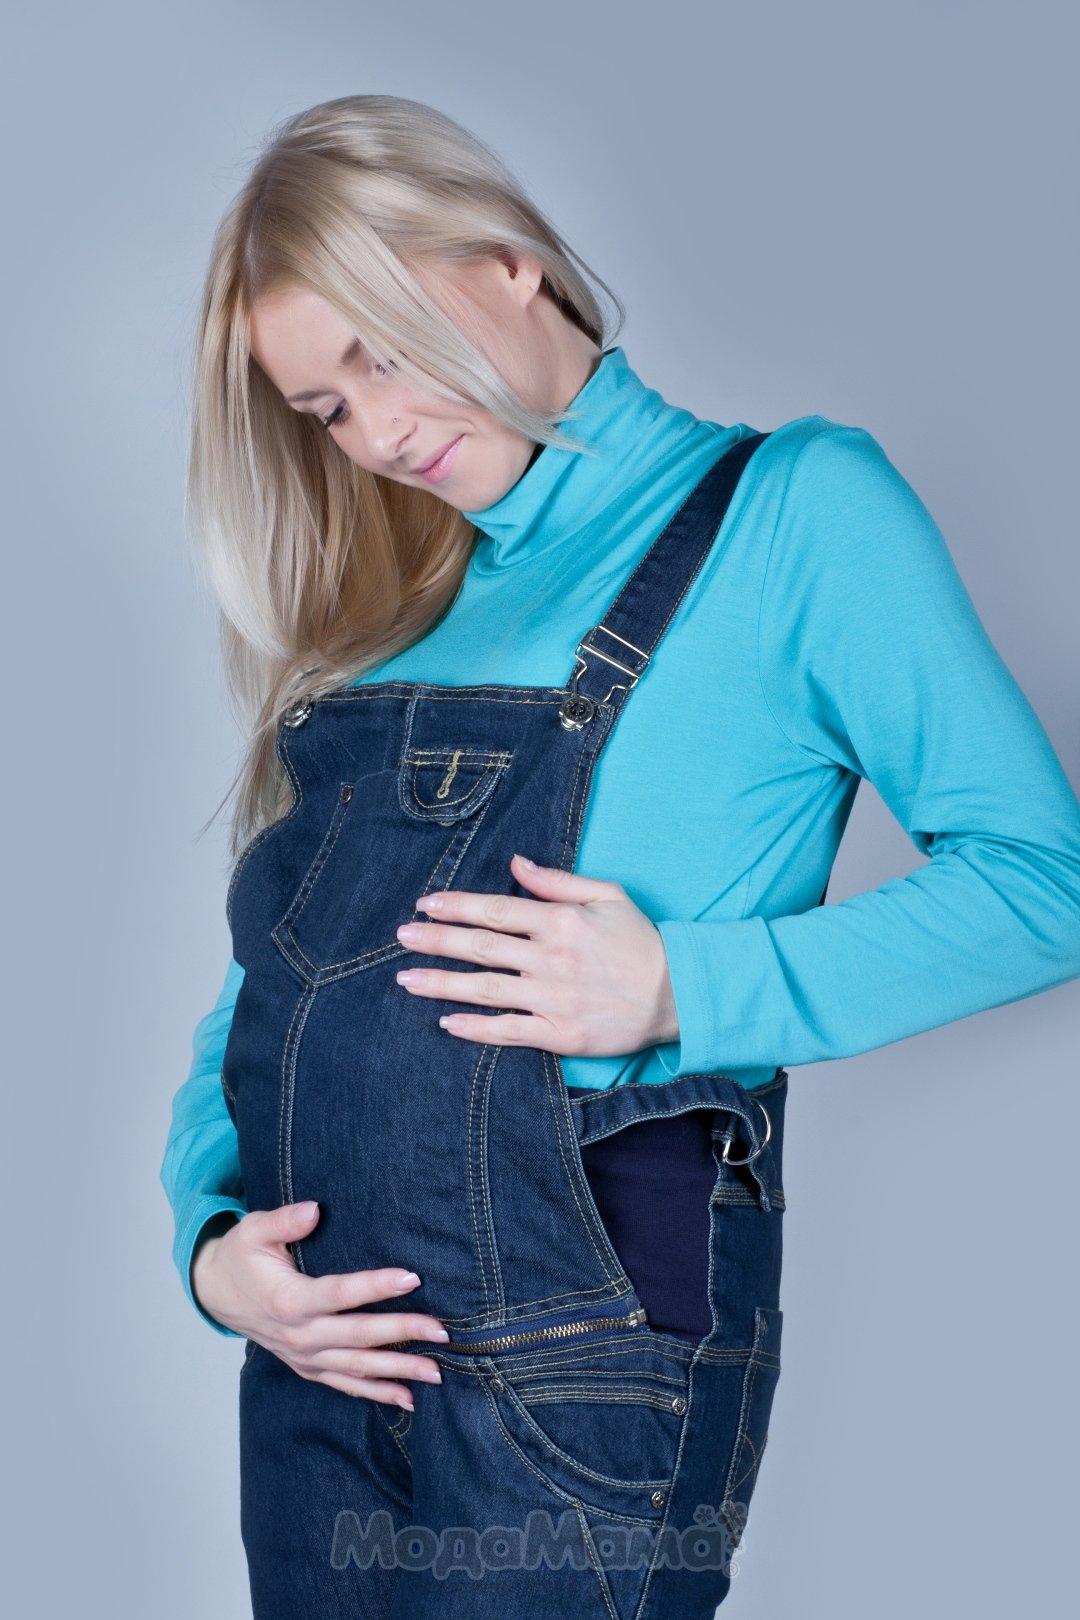 Сан диего прерывание беременности